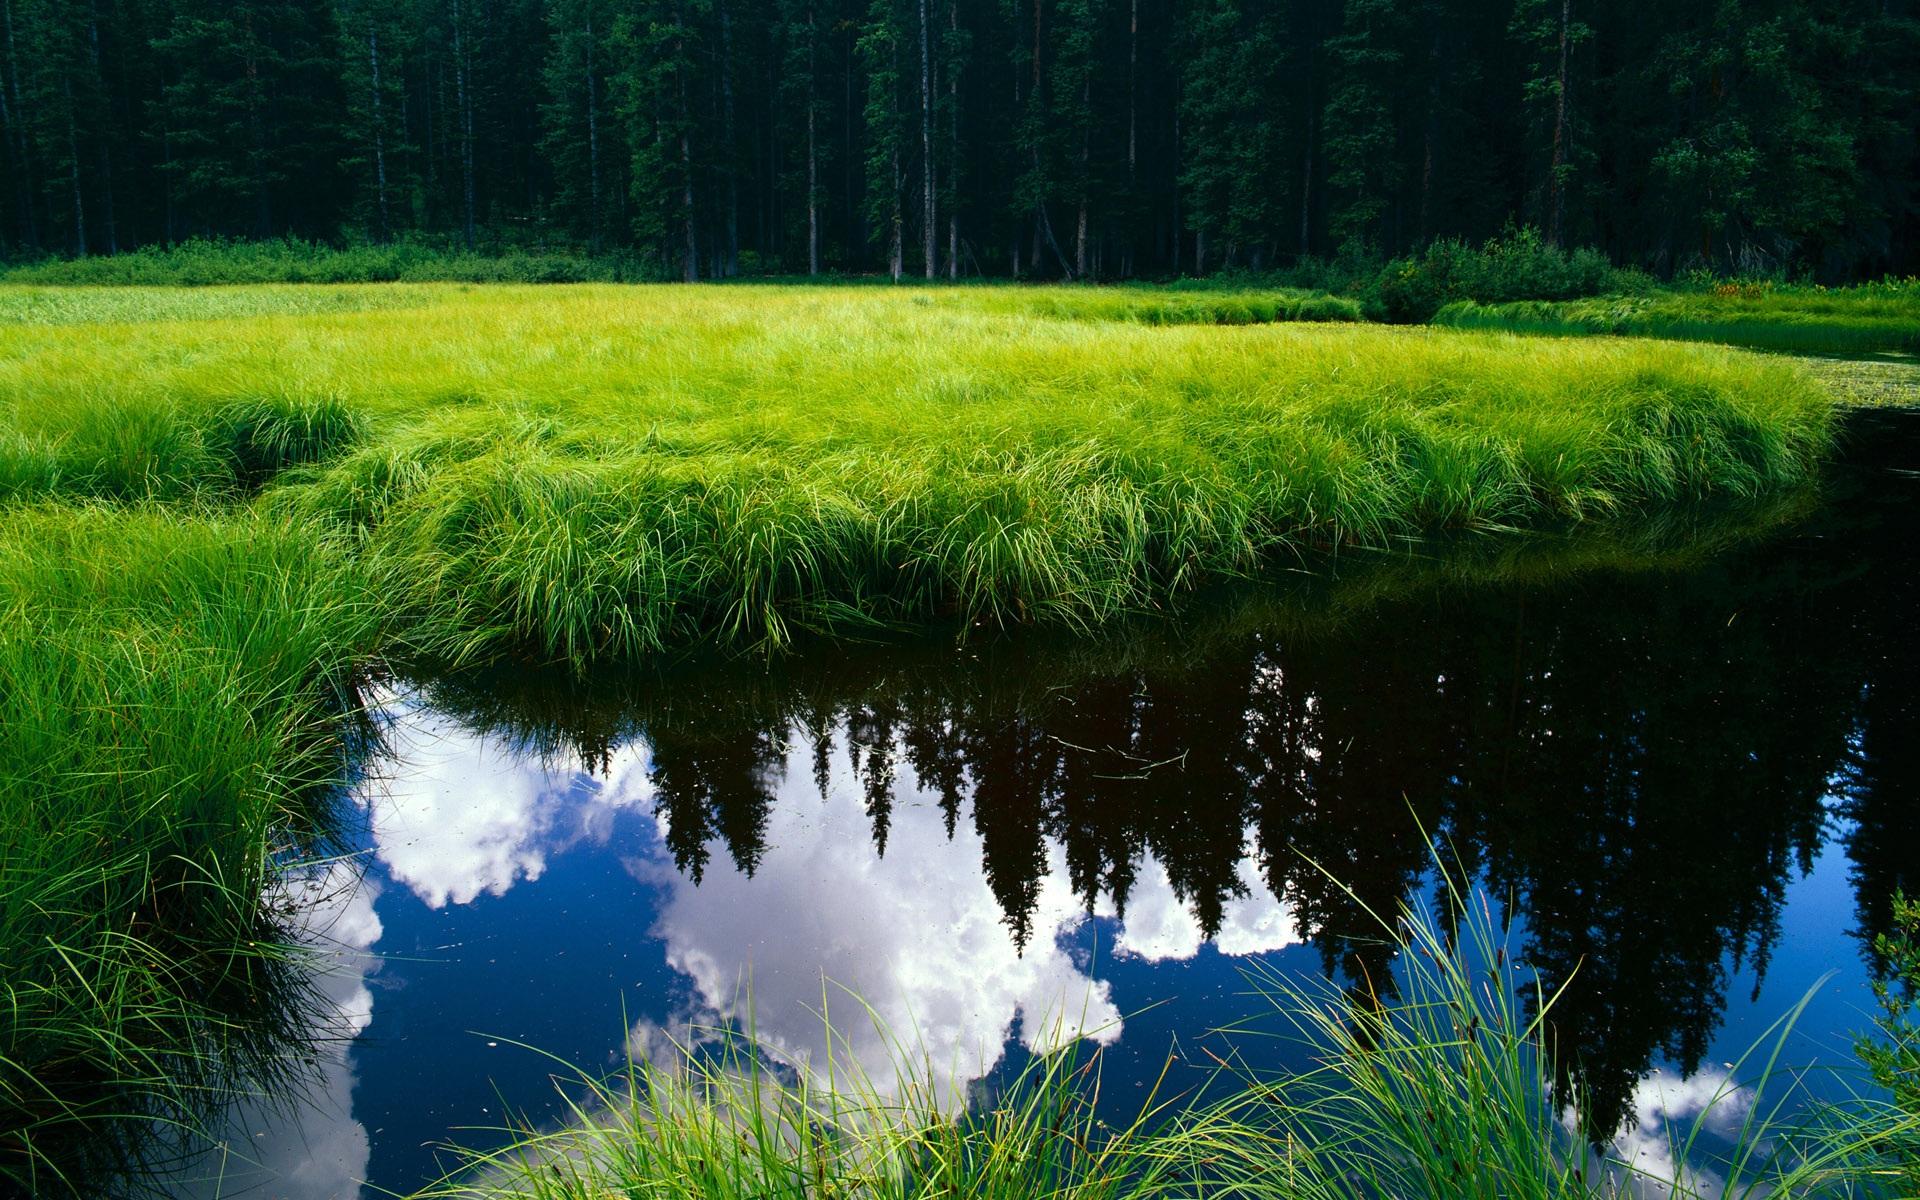 картинки деревья цветы трава вода промахиваюсь фотка